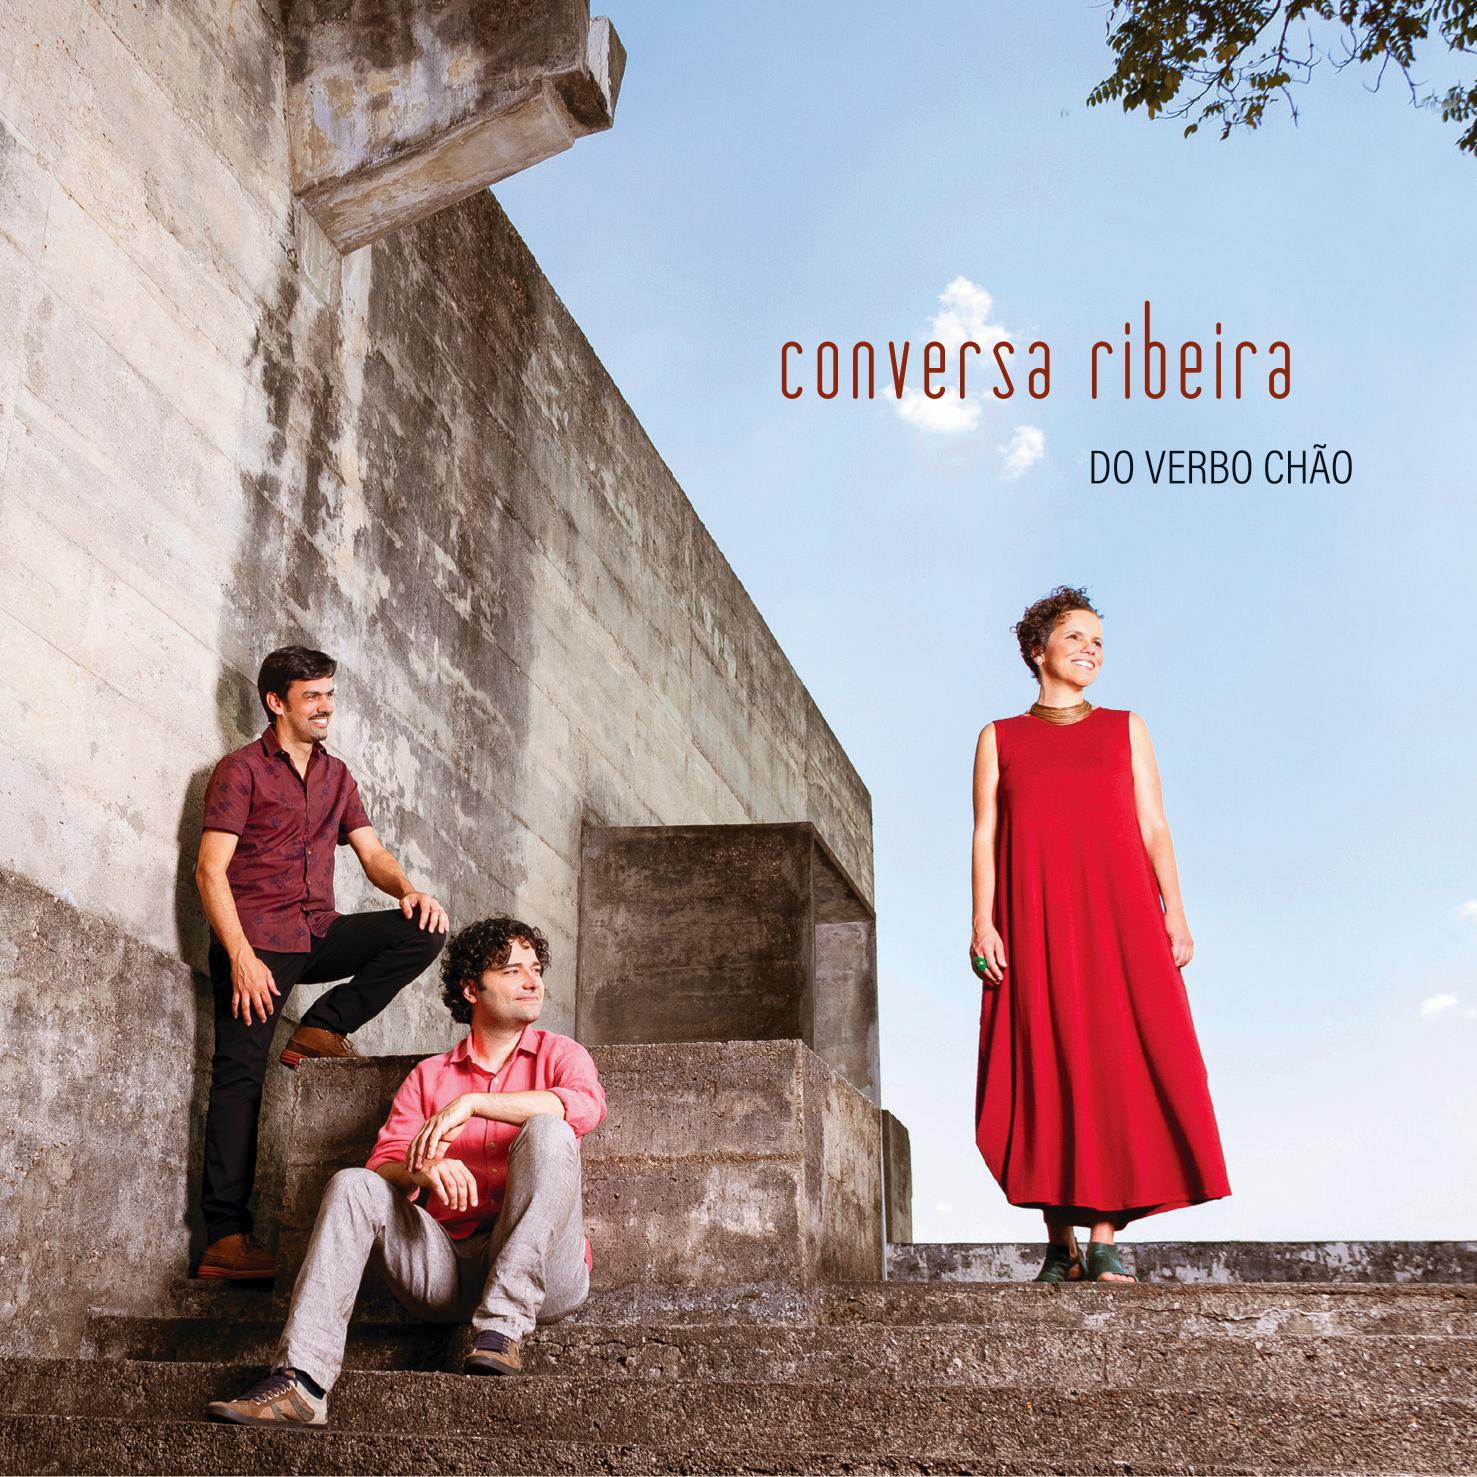 Do verbo chão - Conversa Ribeira (2019)